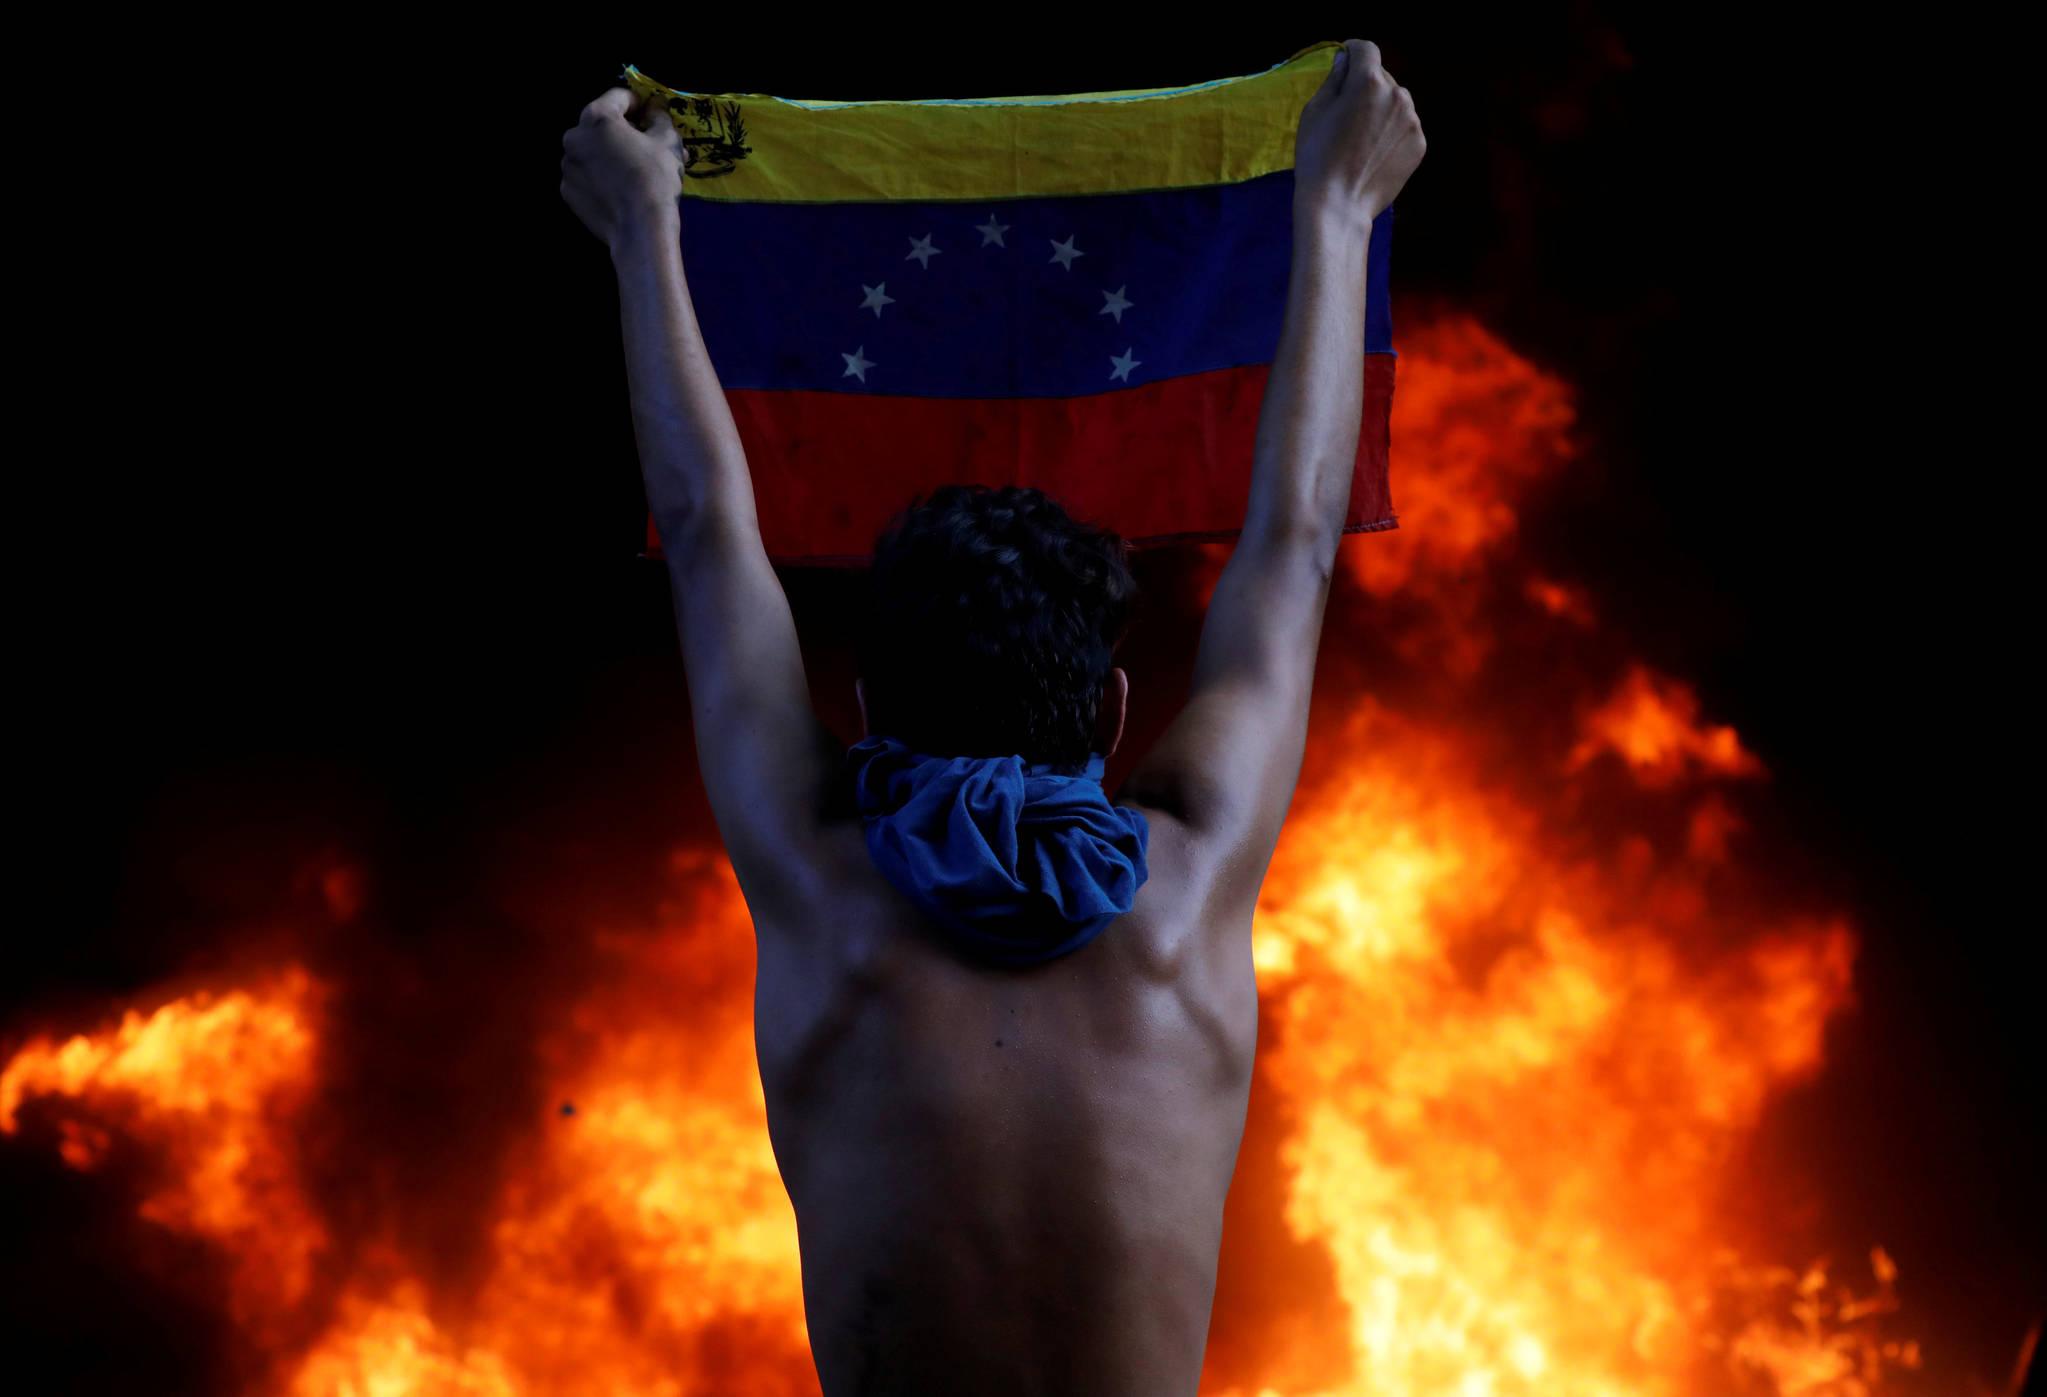 6월 12일. 베네수엘라 니콜라스 마두로 정권에 맞서 시위를 벌인 남성이 국기를 들고 있다. [REUTERS=연합뉴스/Carlos Garcia Rawlins]